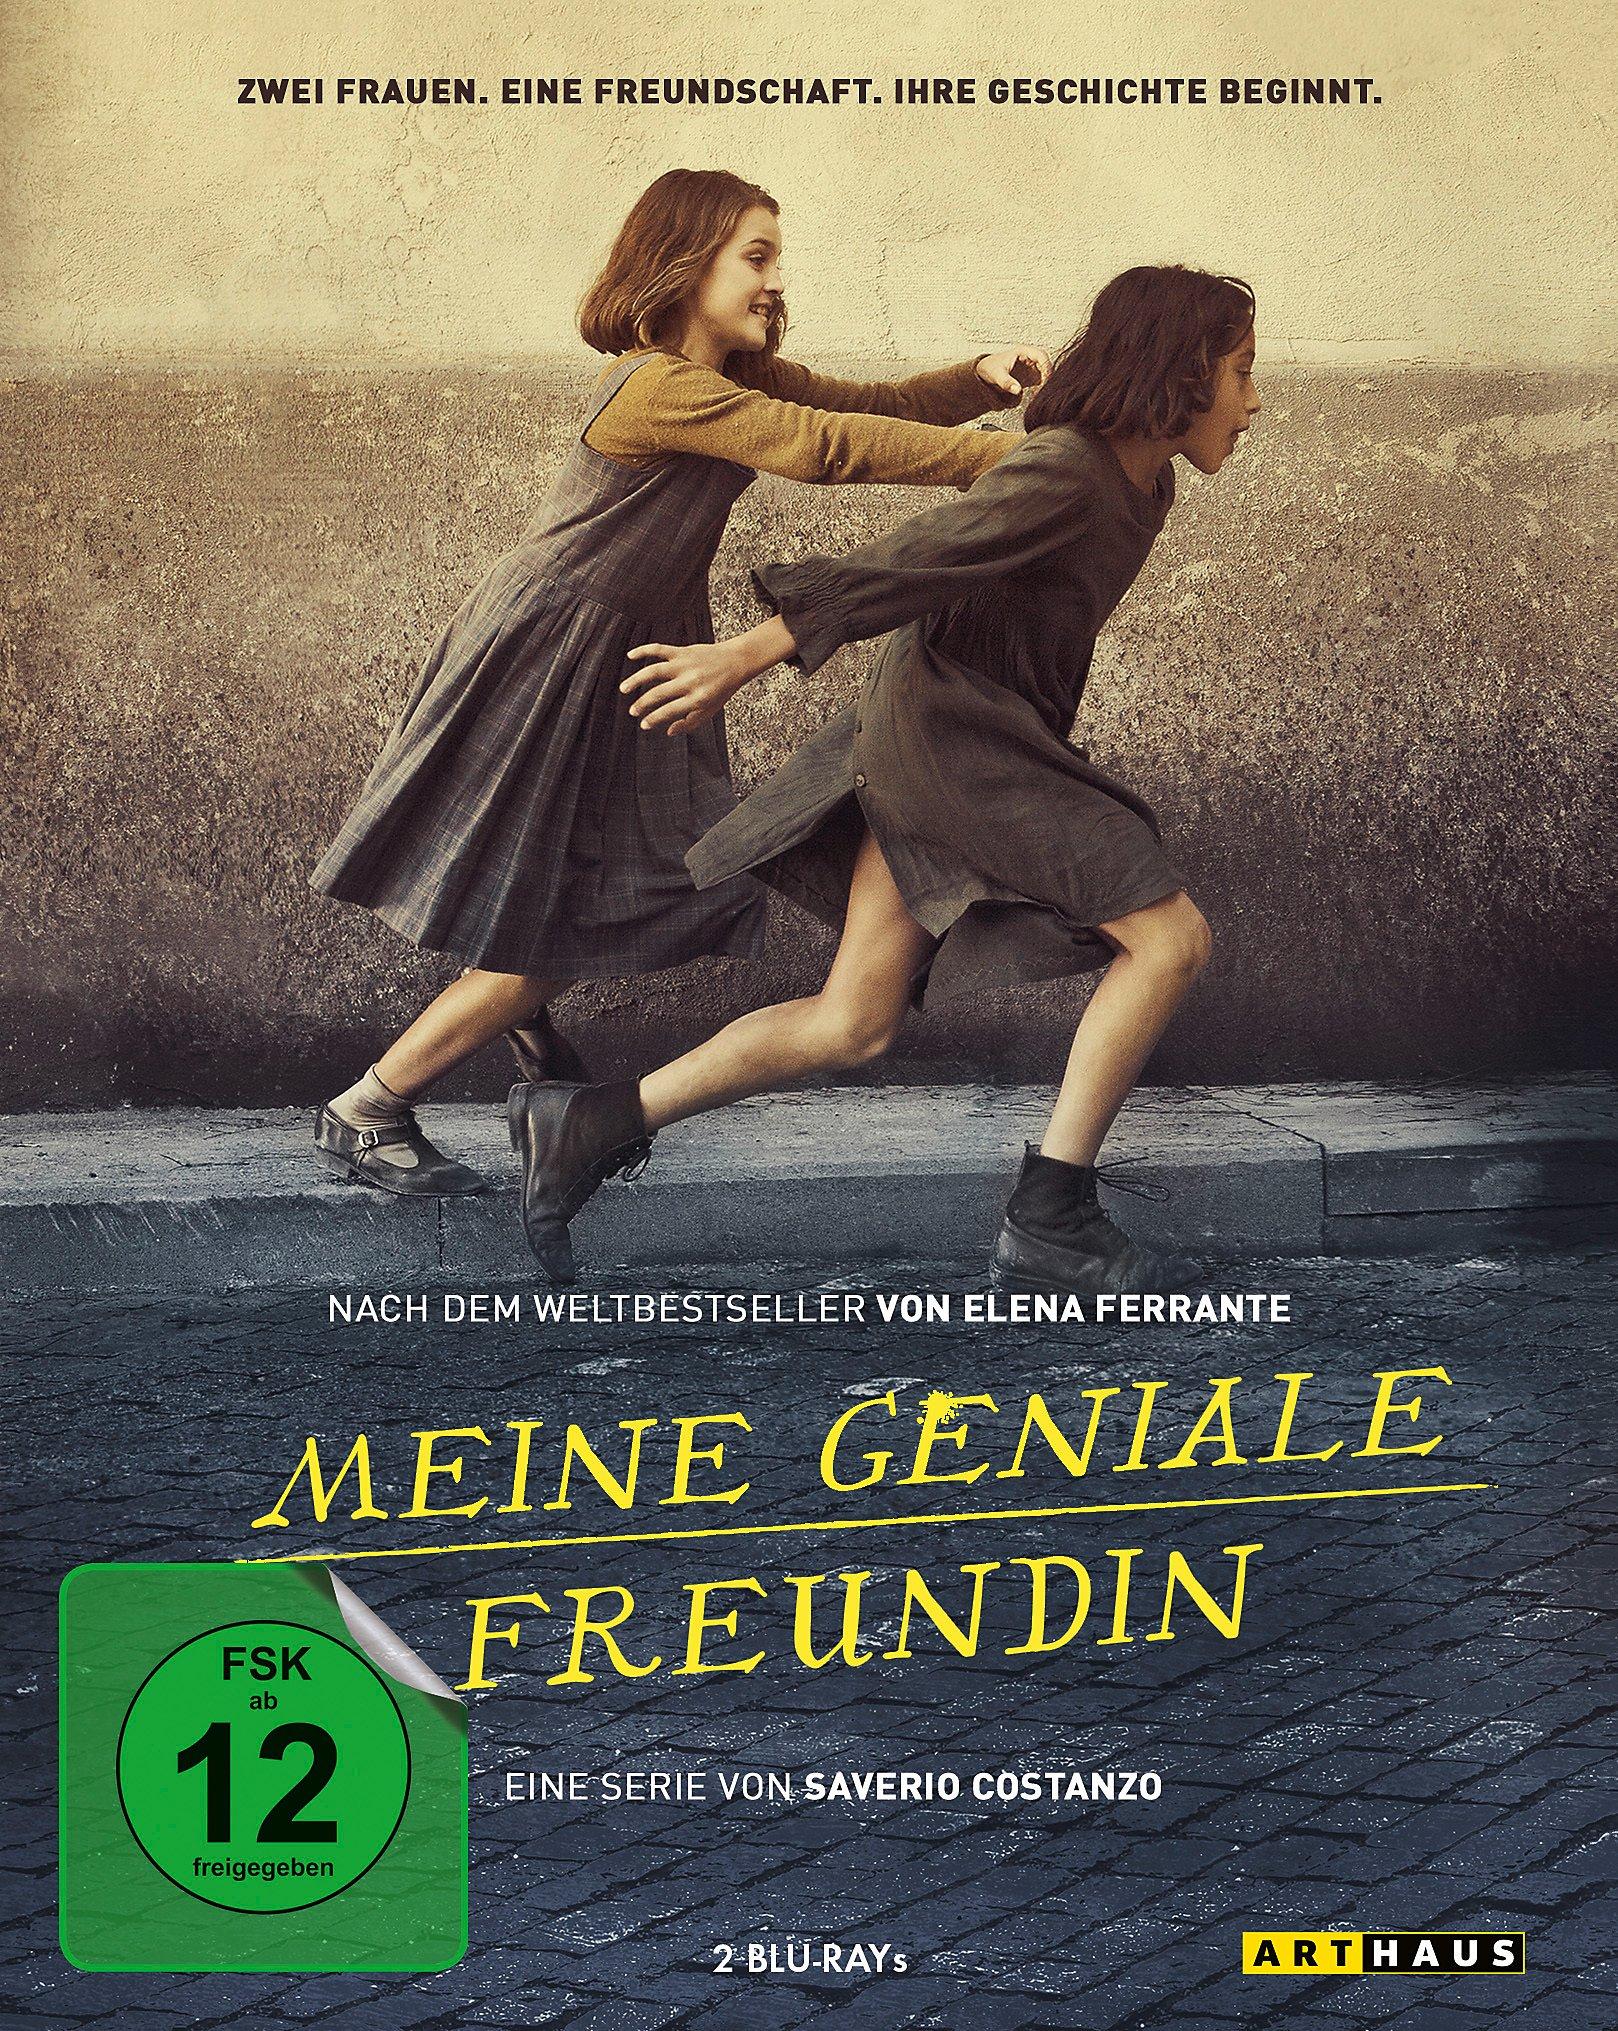 Meine geniale Freundin - Staffel 1 Blu-ray bei Weltbild.at